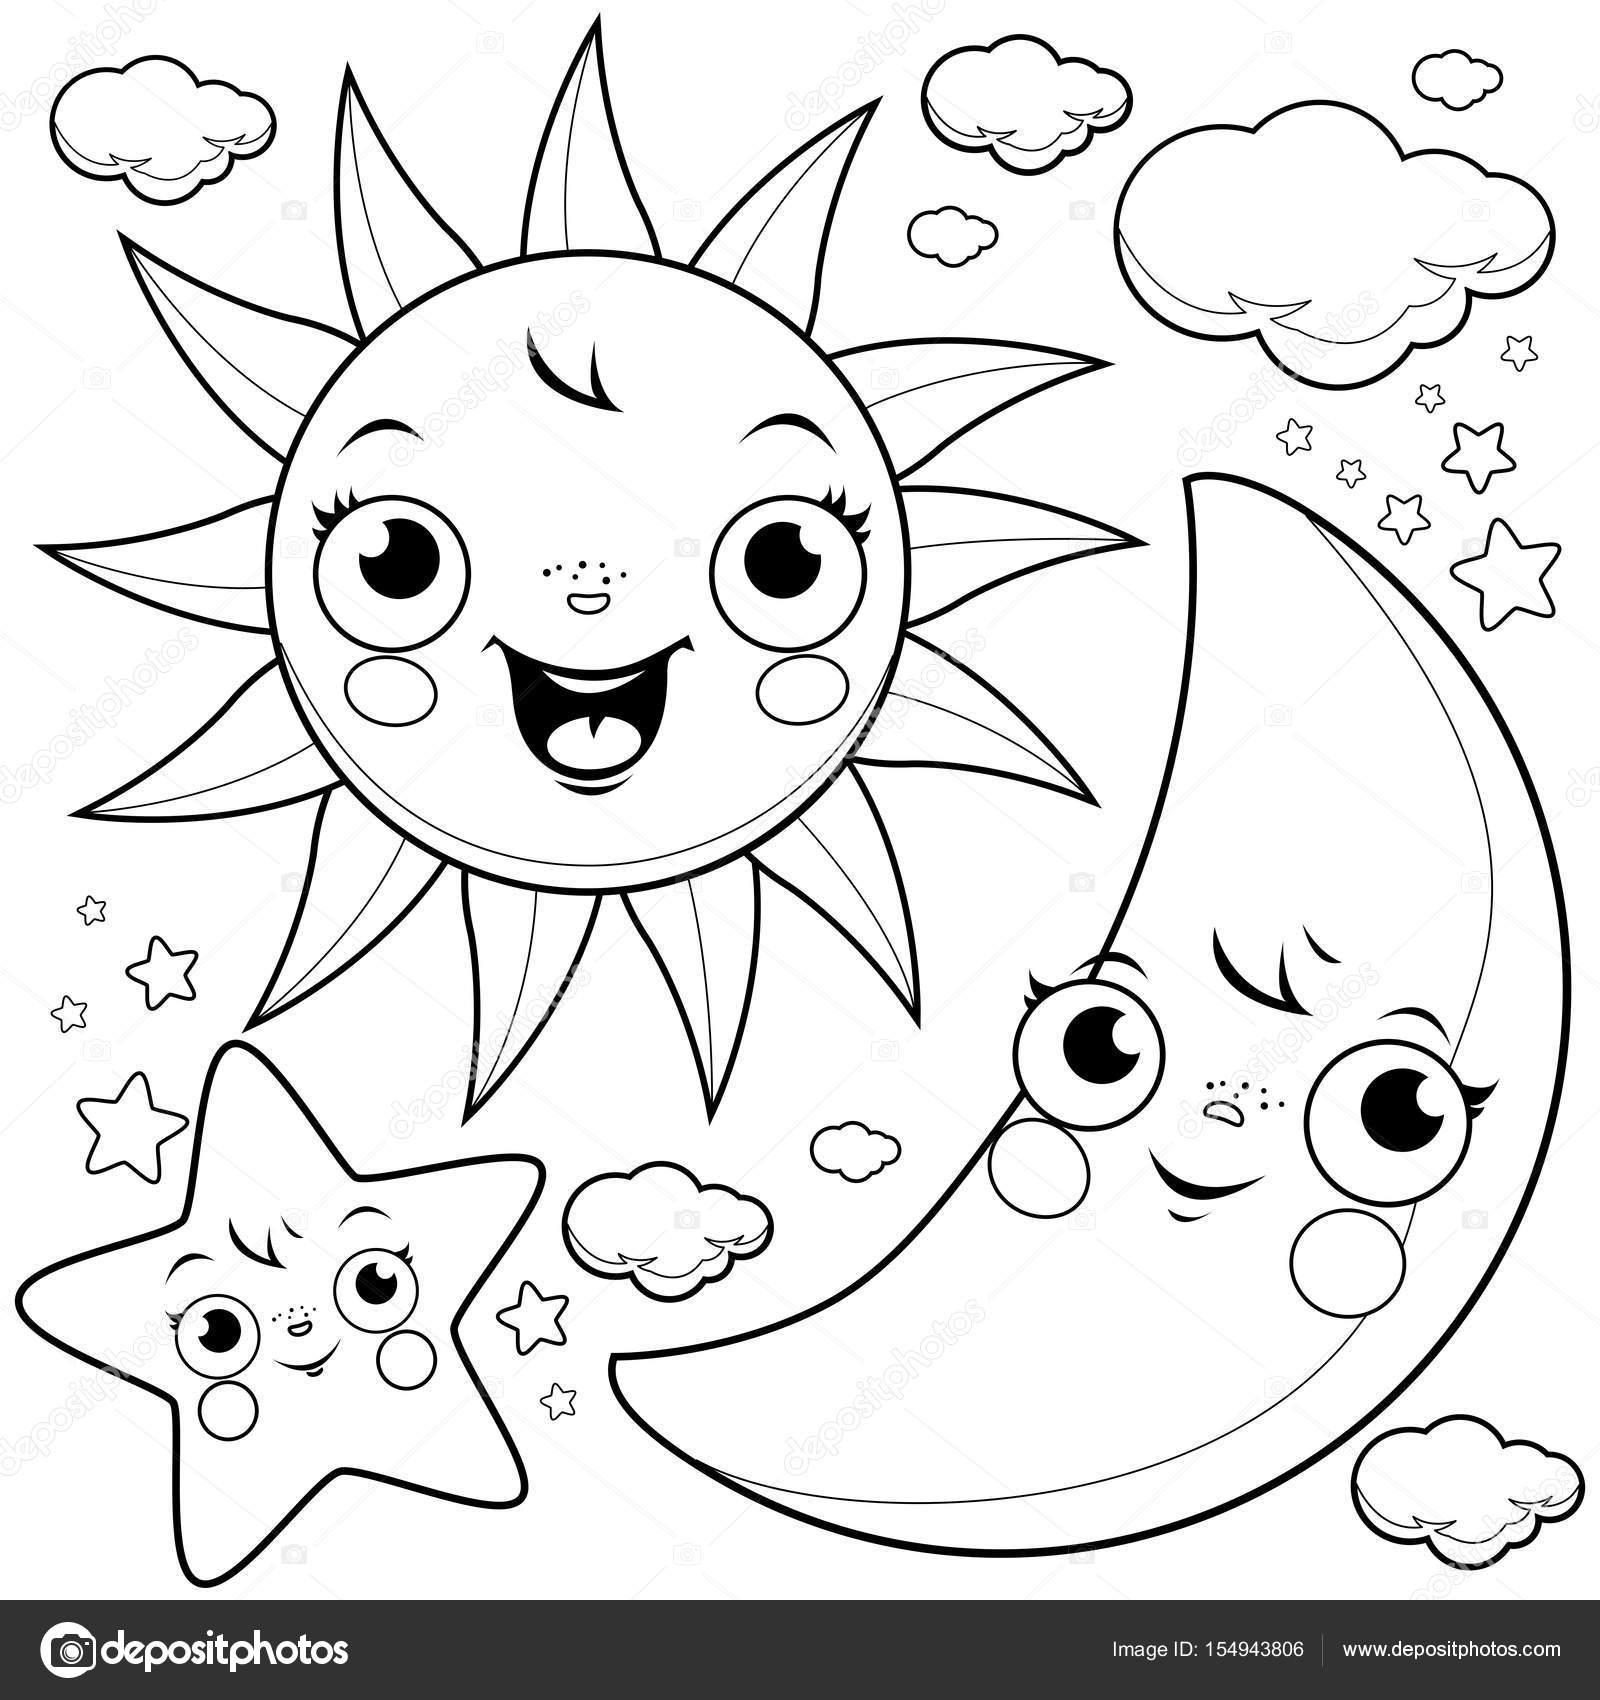 Groartig Malvorlagen Der Sonne Ideen Druckbare